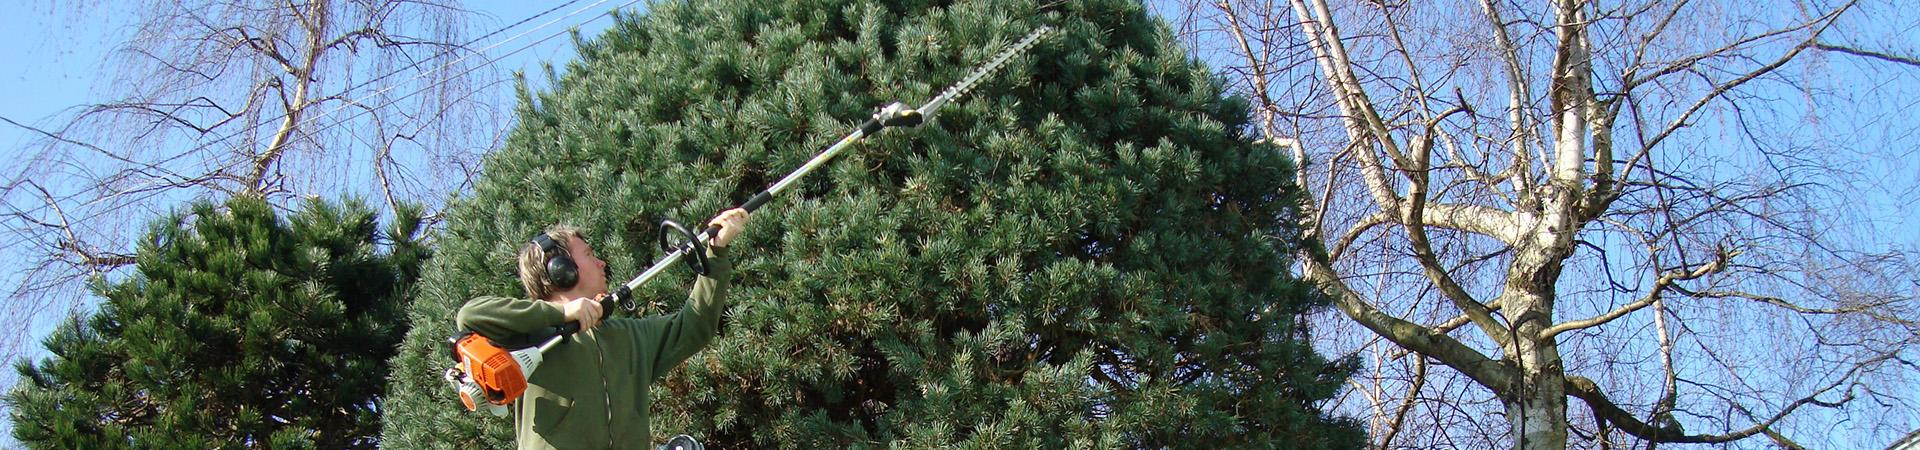 en beskärare med en stång häcksax, beskär en grön häck.